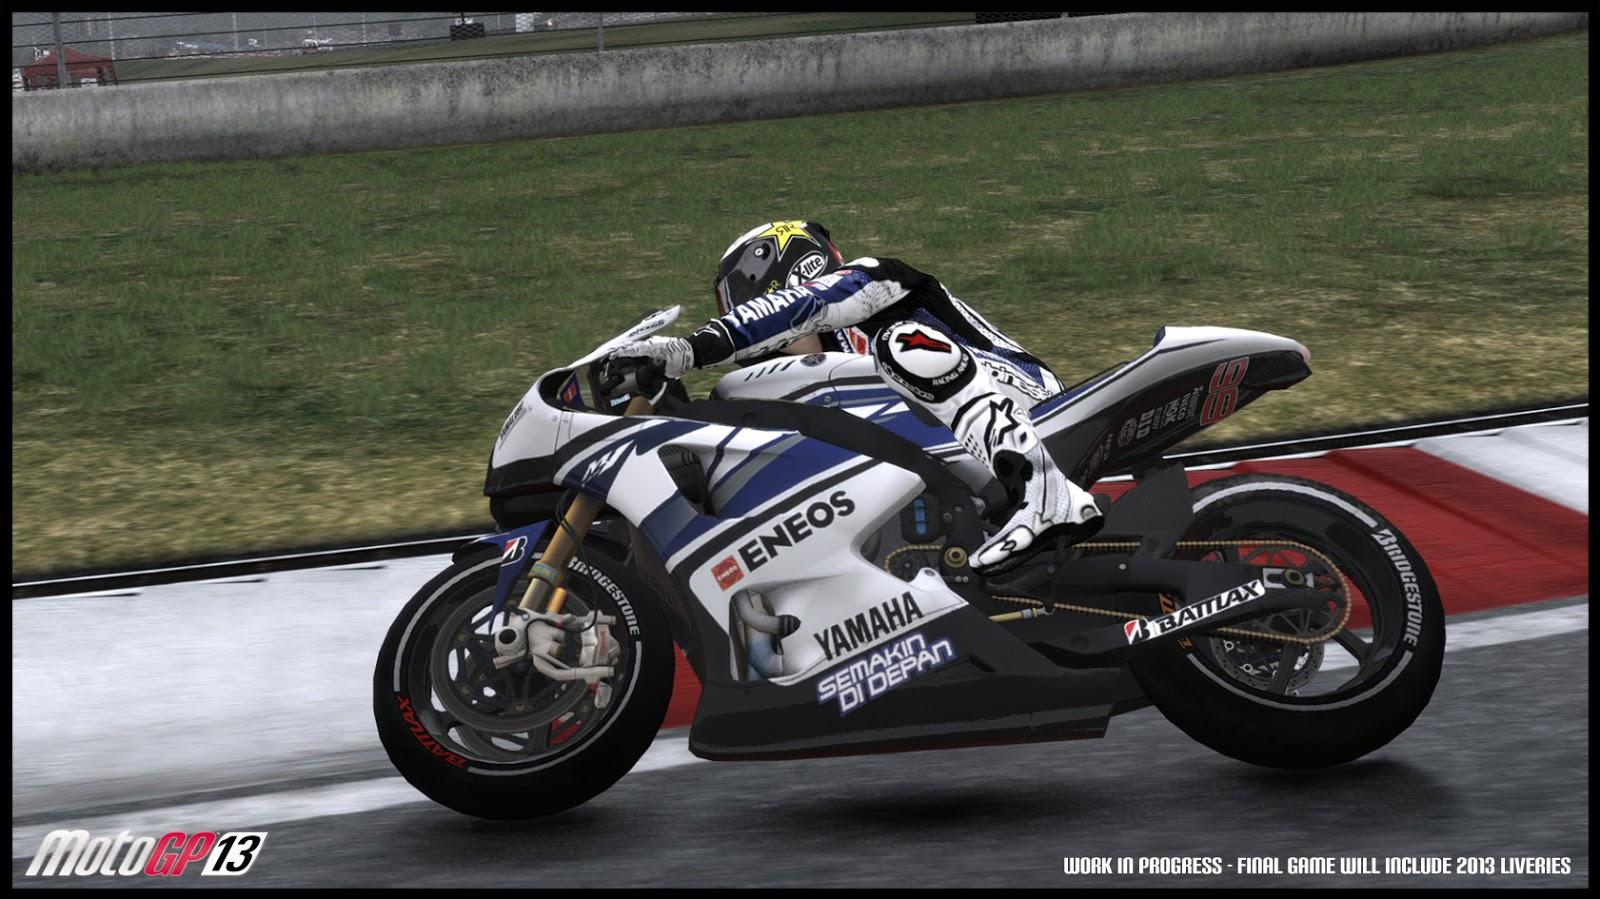 MotoGP 13 Full Version PC Game Free Download